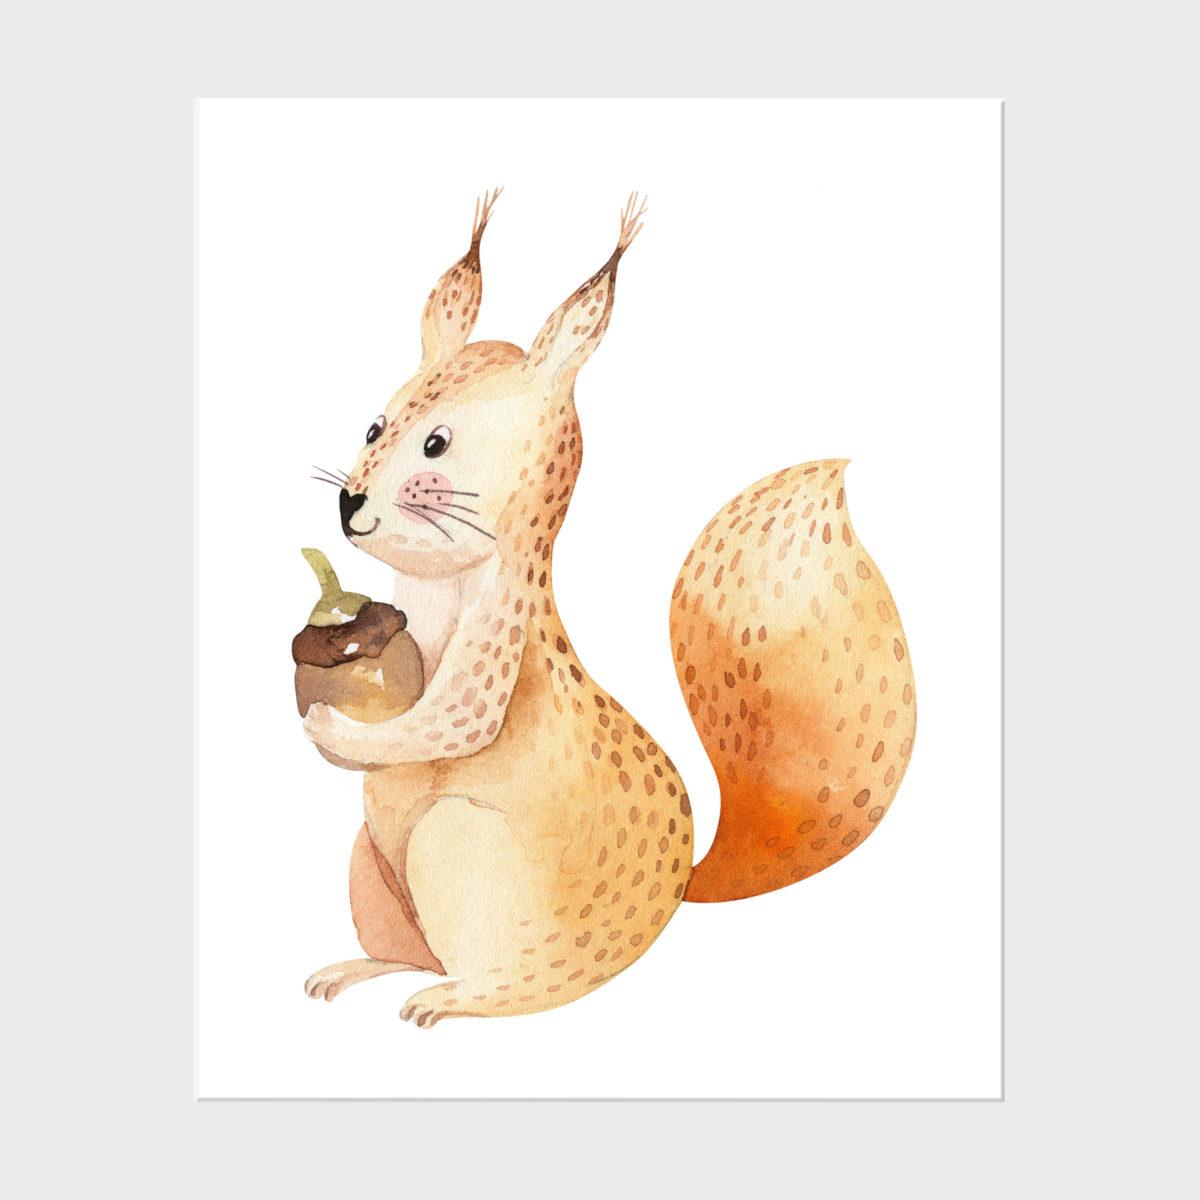 17. Squirrel (2)